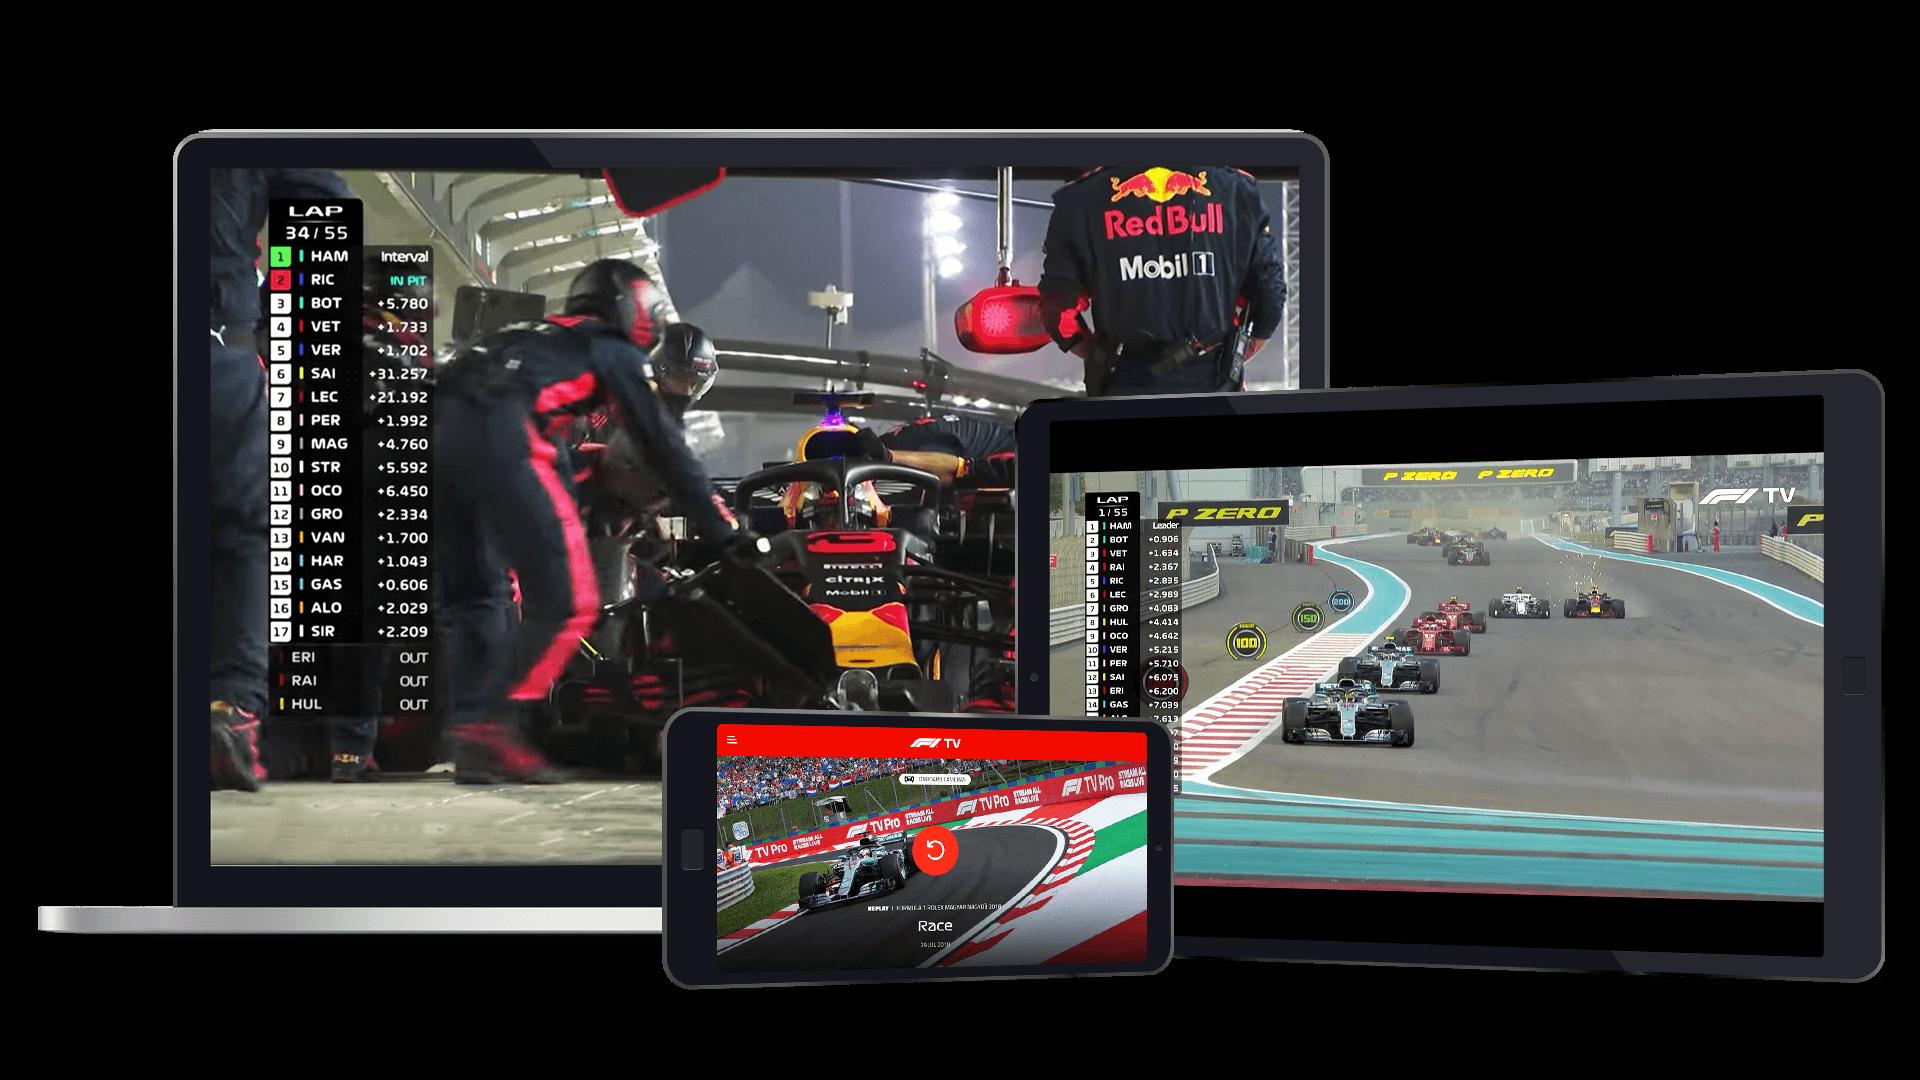 Como ver la F1 2020 gratis y online desde España, servicios de streaming de f1 gratuitos